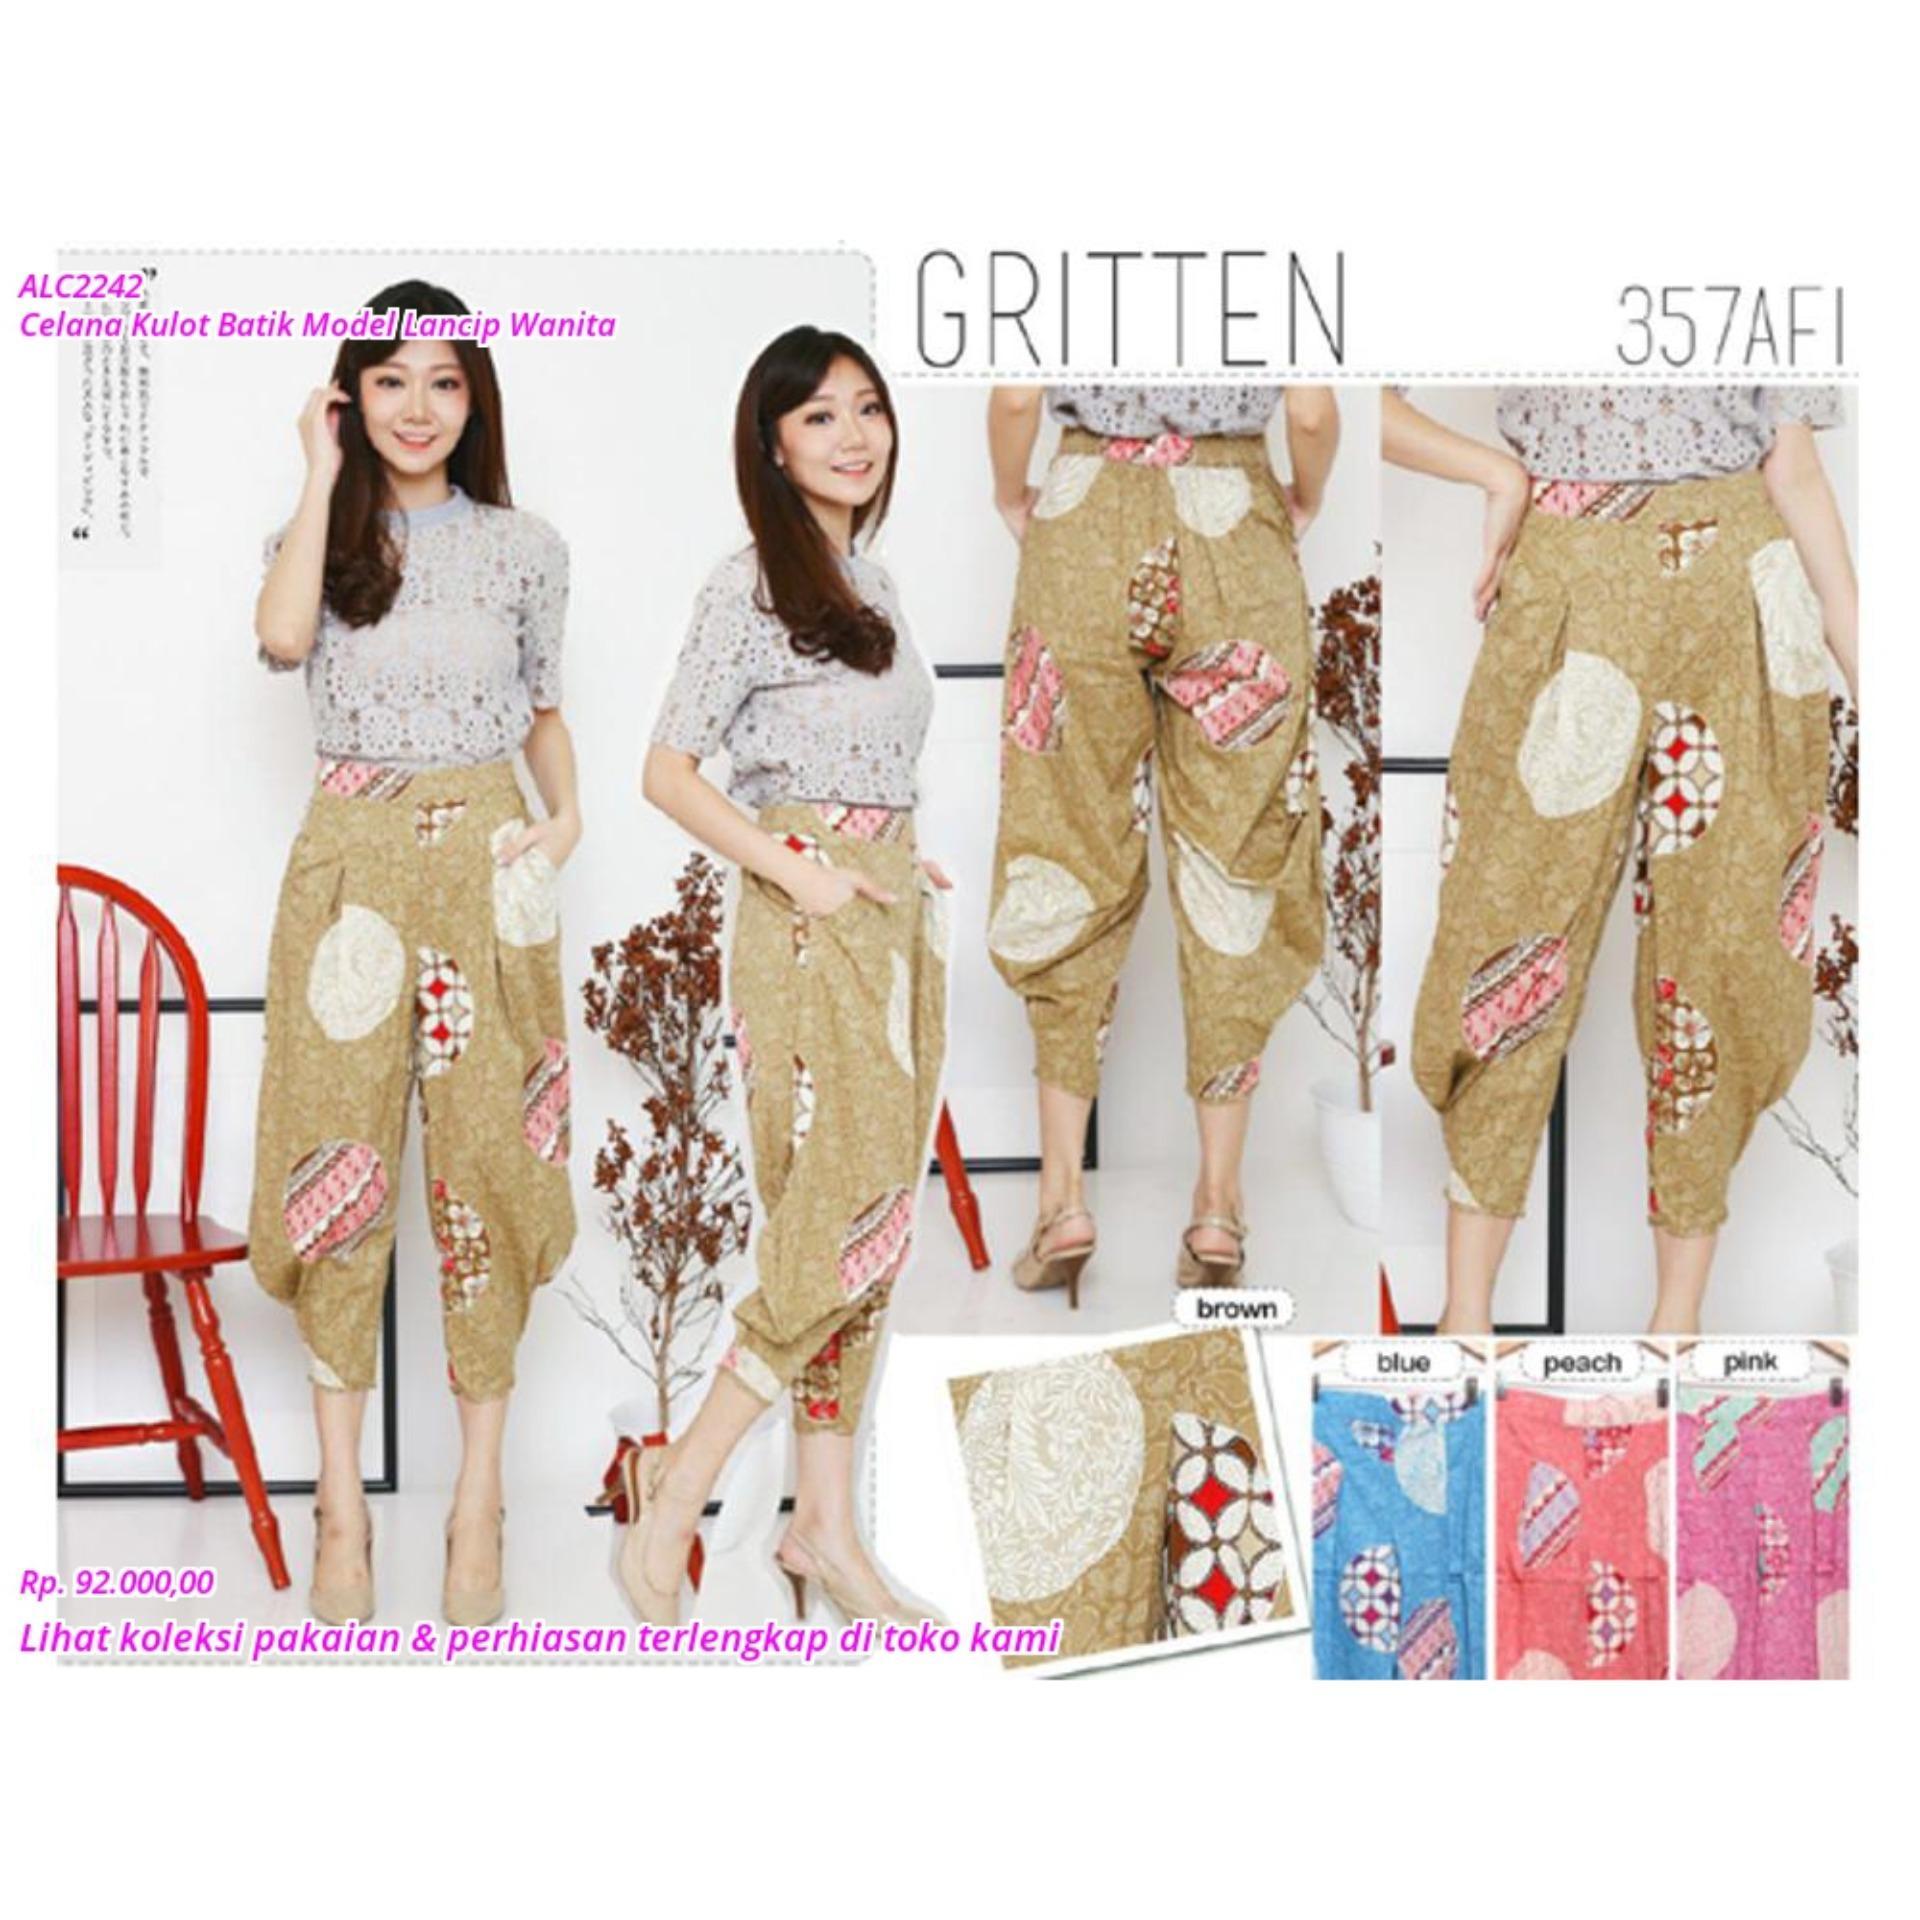 SALE Celana Kulot Batik Model Lancip Wanita TERMURAH